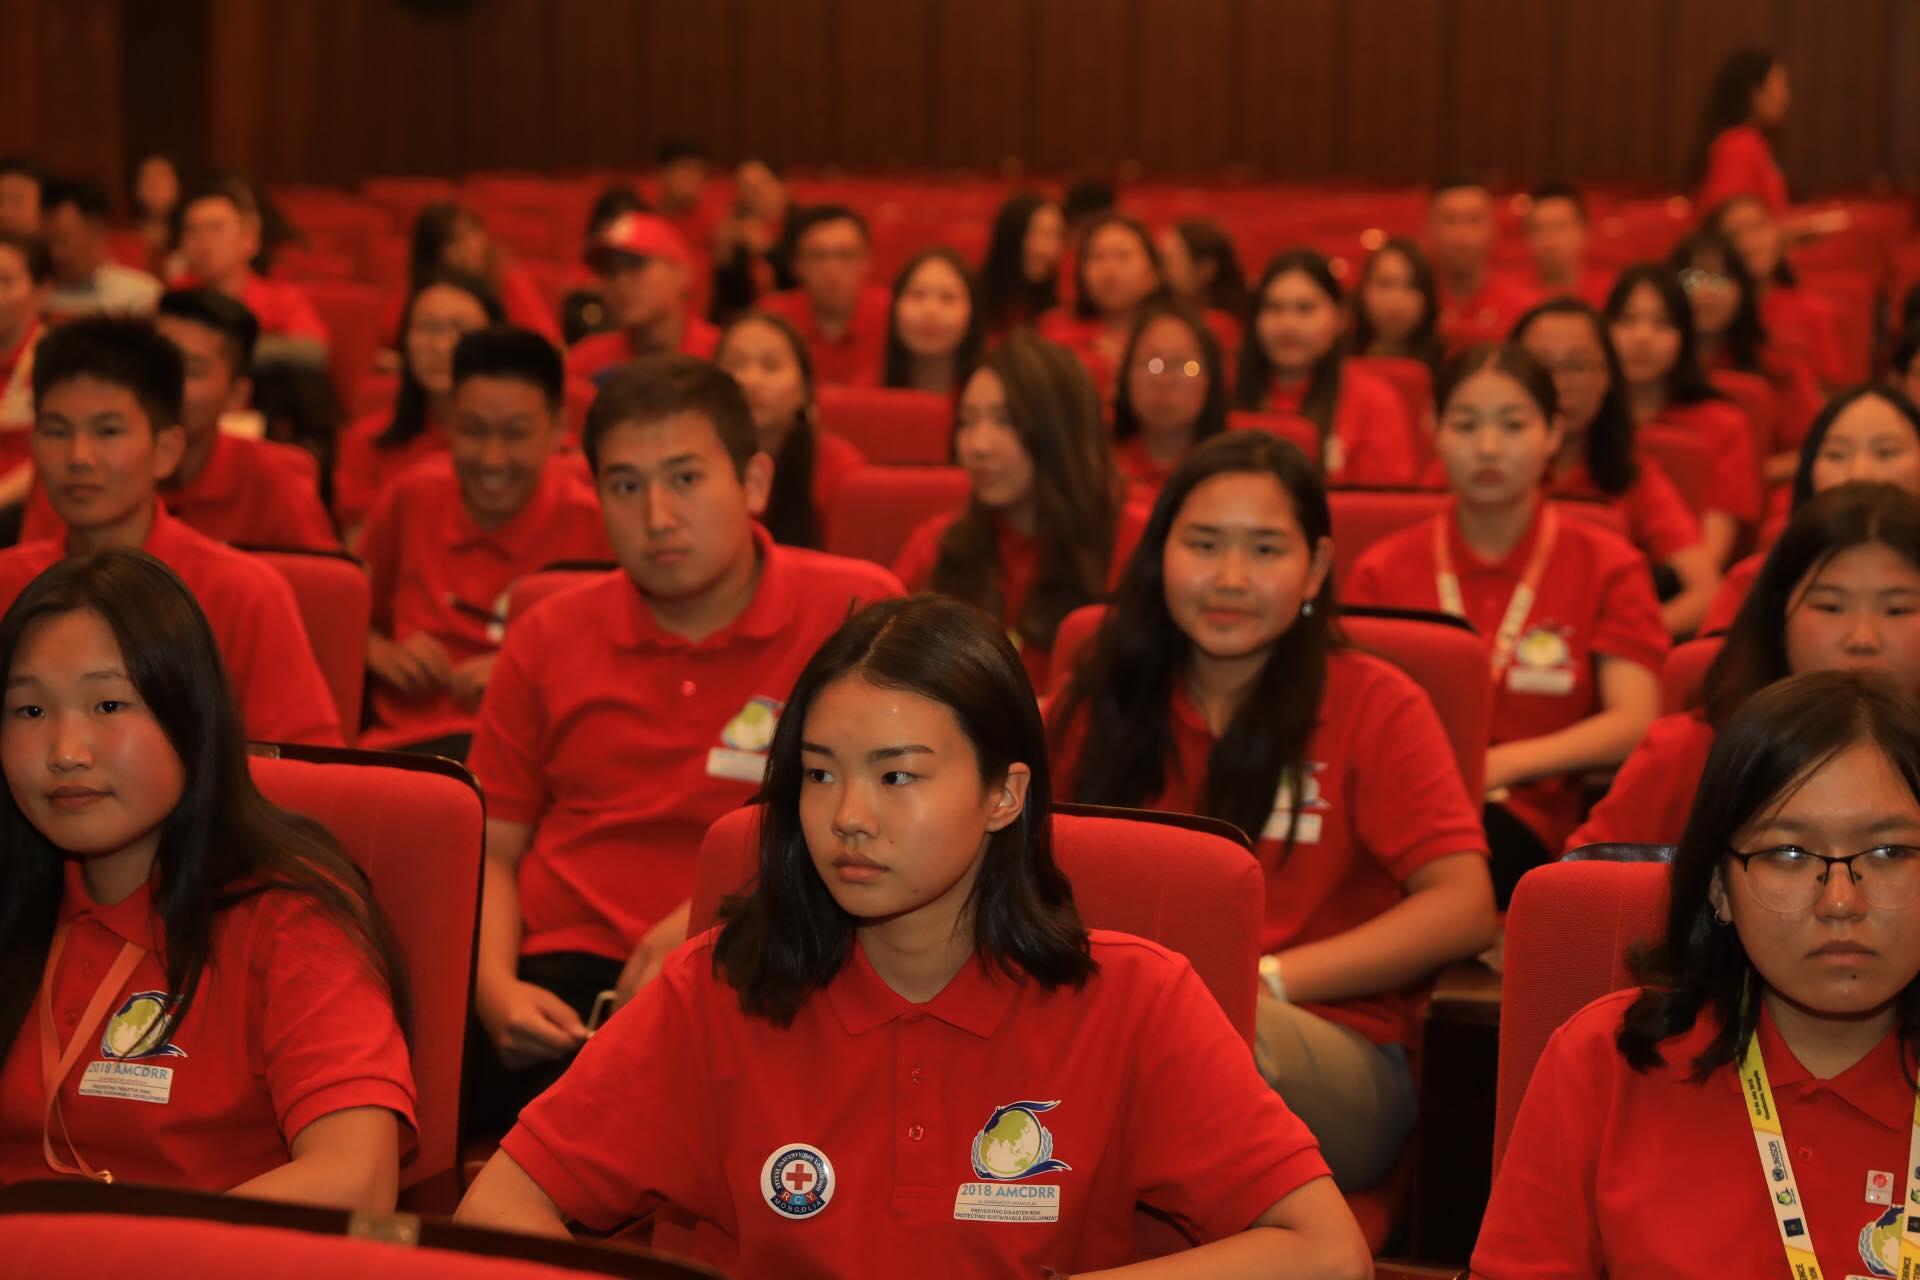 Азийн сайд нарын хурлын үеэр ажилласан сайн дурынханд тусгайлан талархал илэрхийлэв